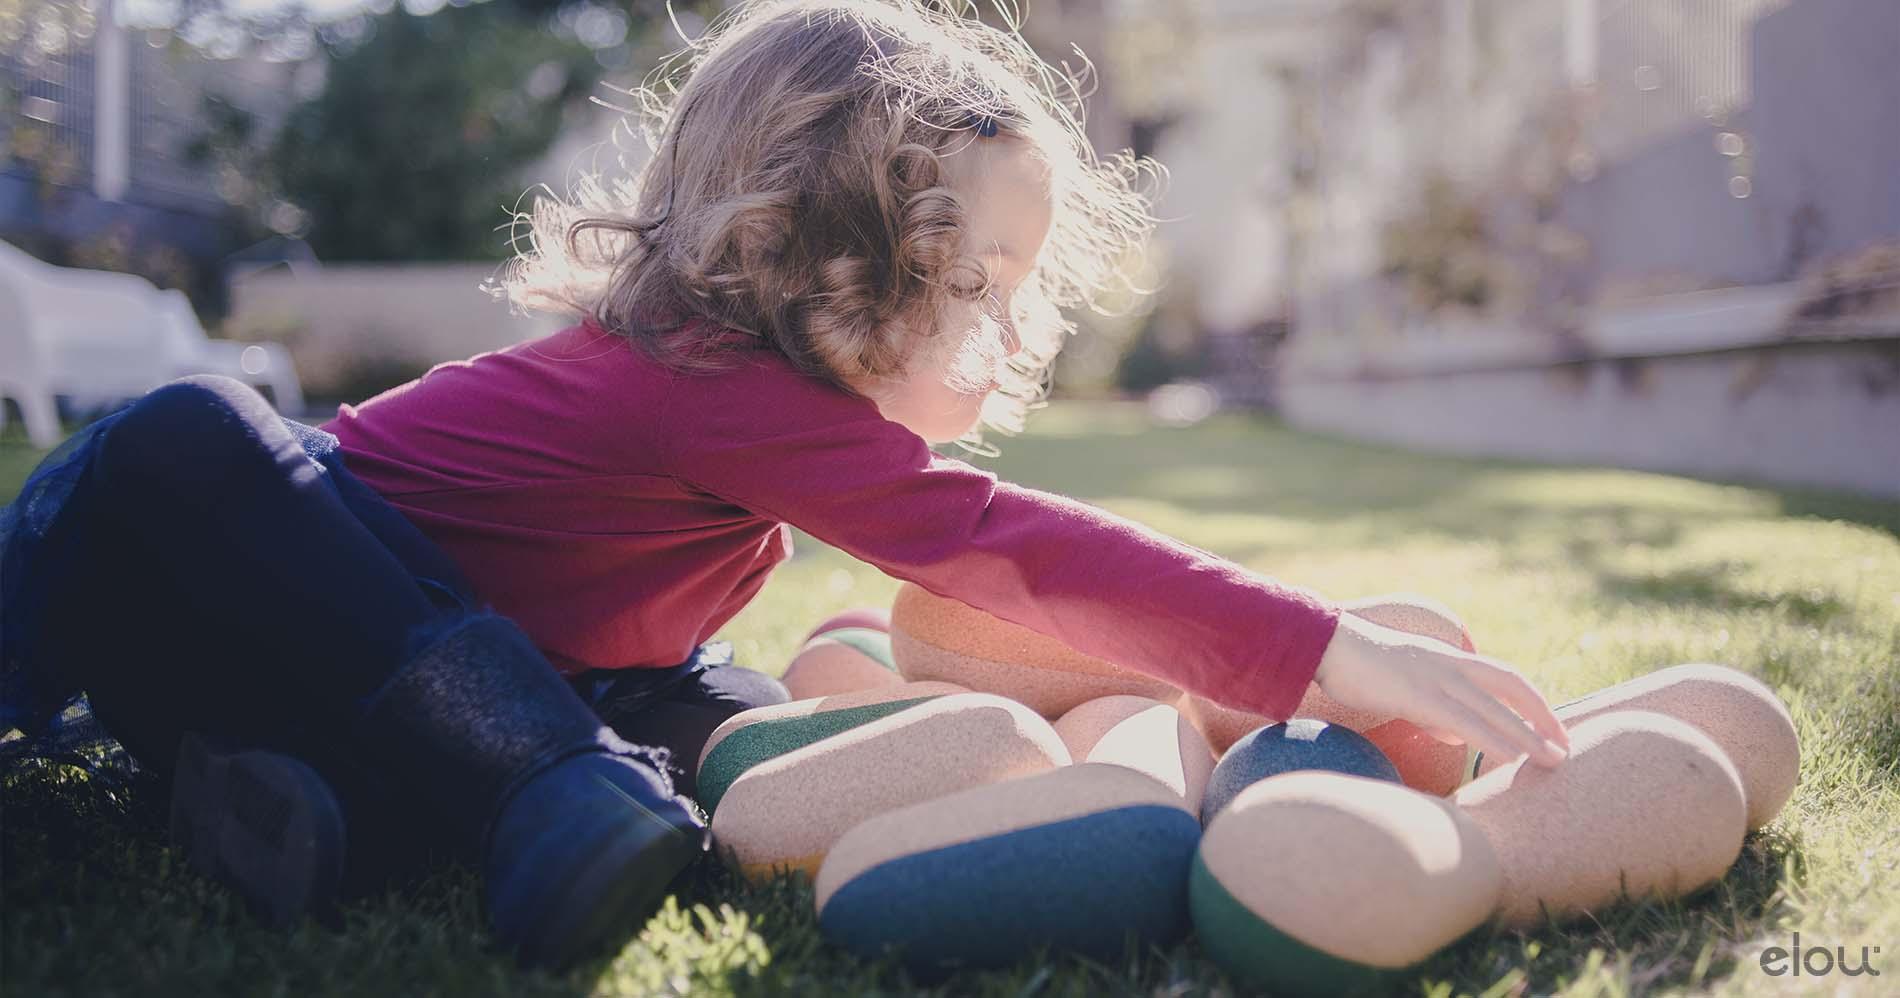 Indoor games with kids